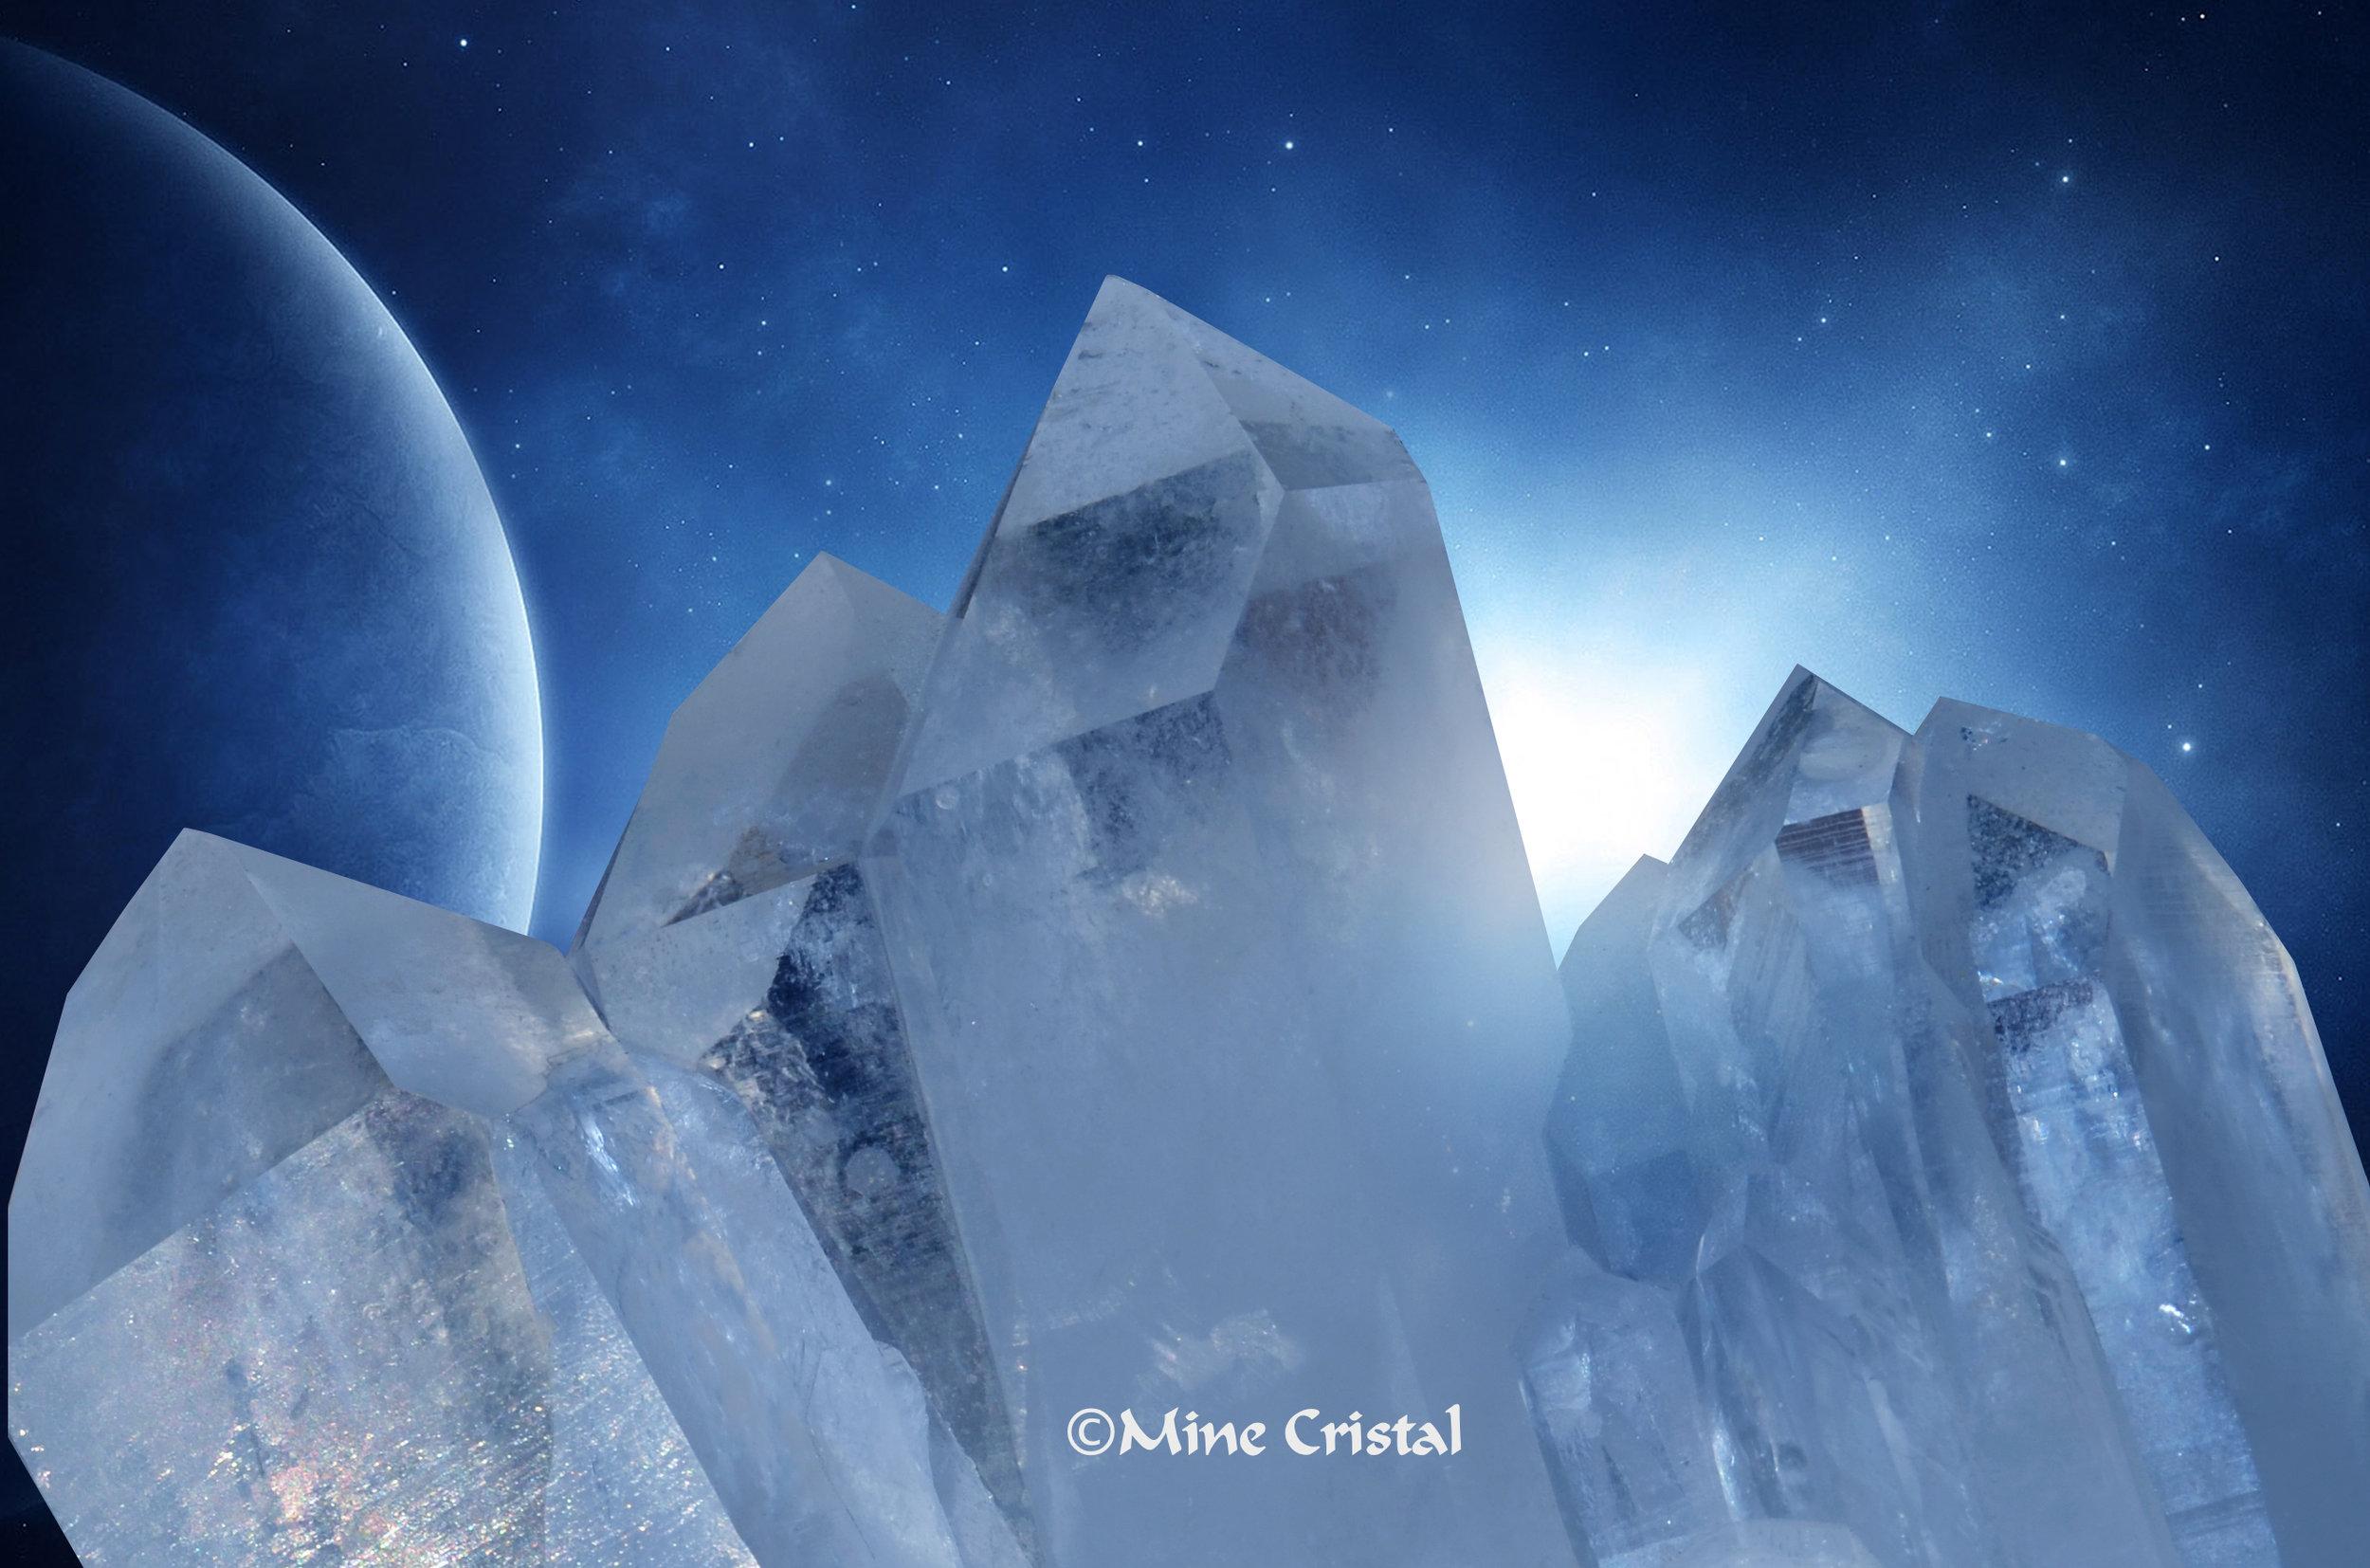 Selon les experts, la mine de cristal à Mine Cristal est un joyau géologique. C'est l'un des phénomènes naturels les plus importants du Canada en raison de ses gisements minéralogiques uniques et abondants. Une veine géante rare de quartz produisant des fruits merveilleux - des cristaux de quartz - ce site est connu pour être un puissant vortex d'énergie pure.